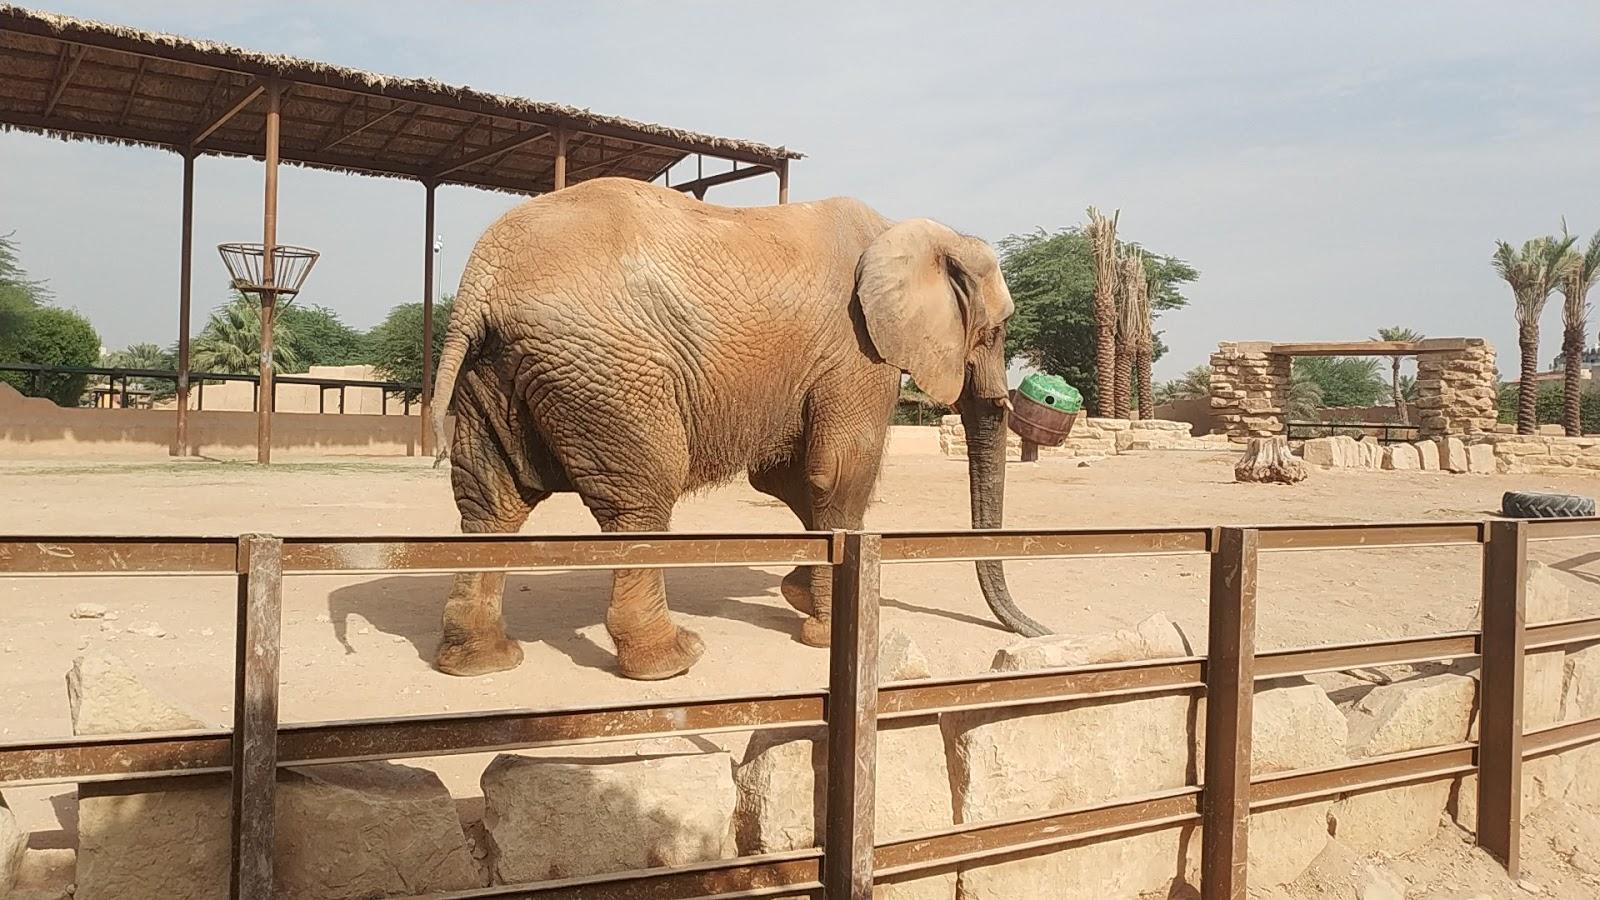 قم بزيارة حديقة الحيوانات في رحلتك إلى الرياض